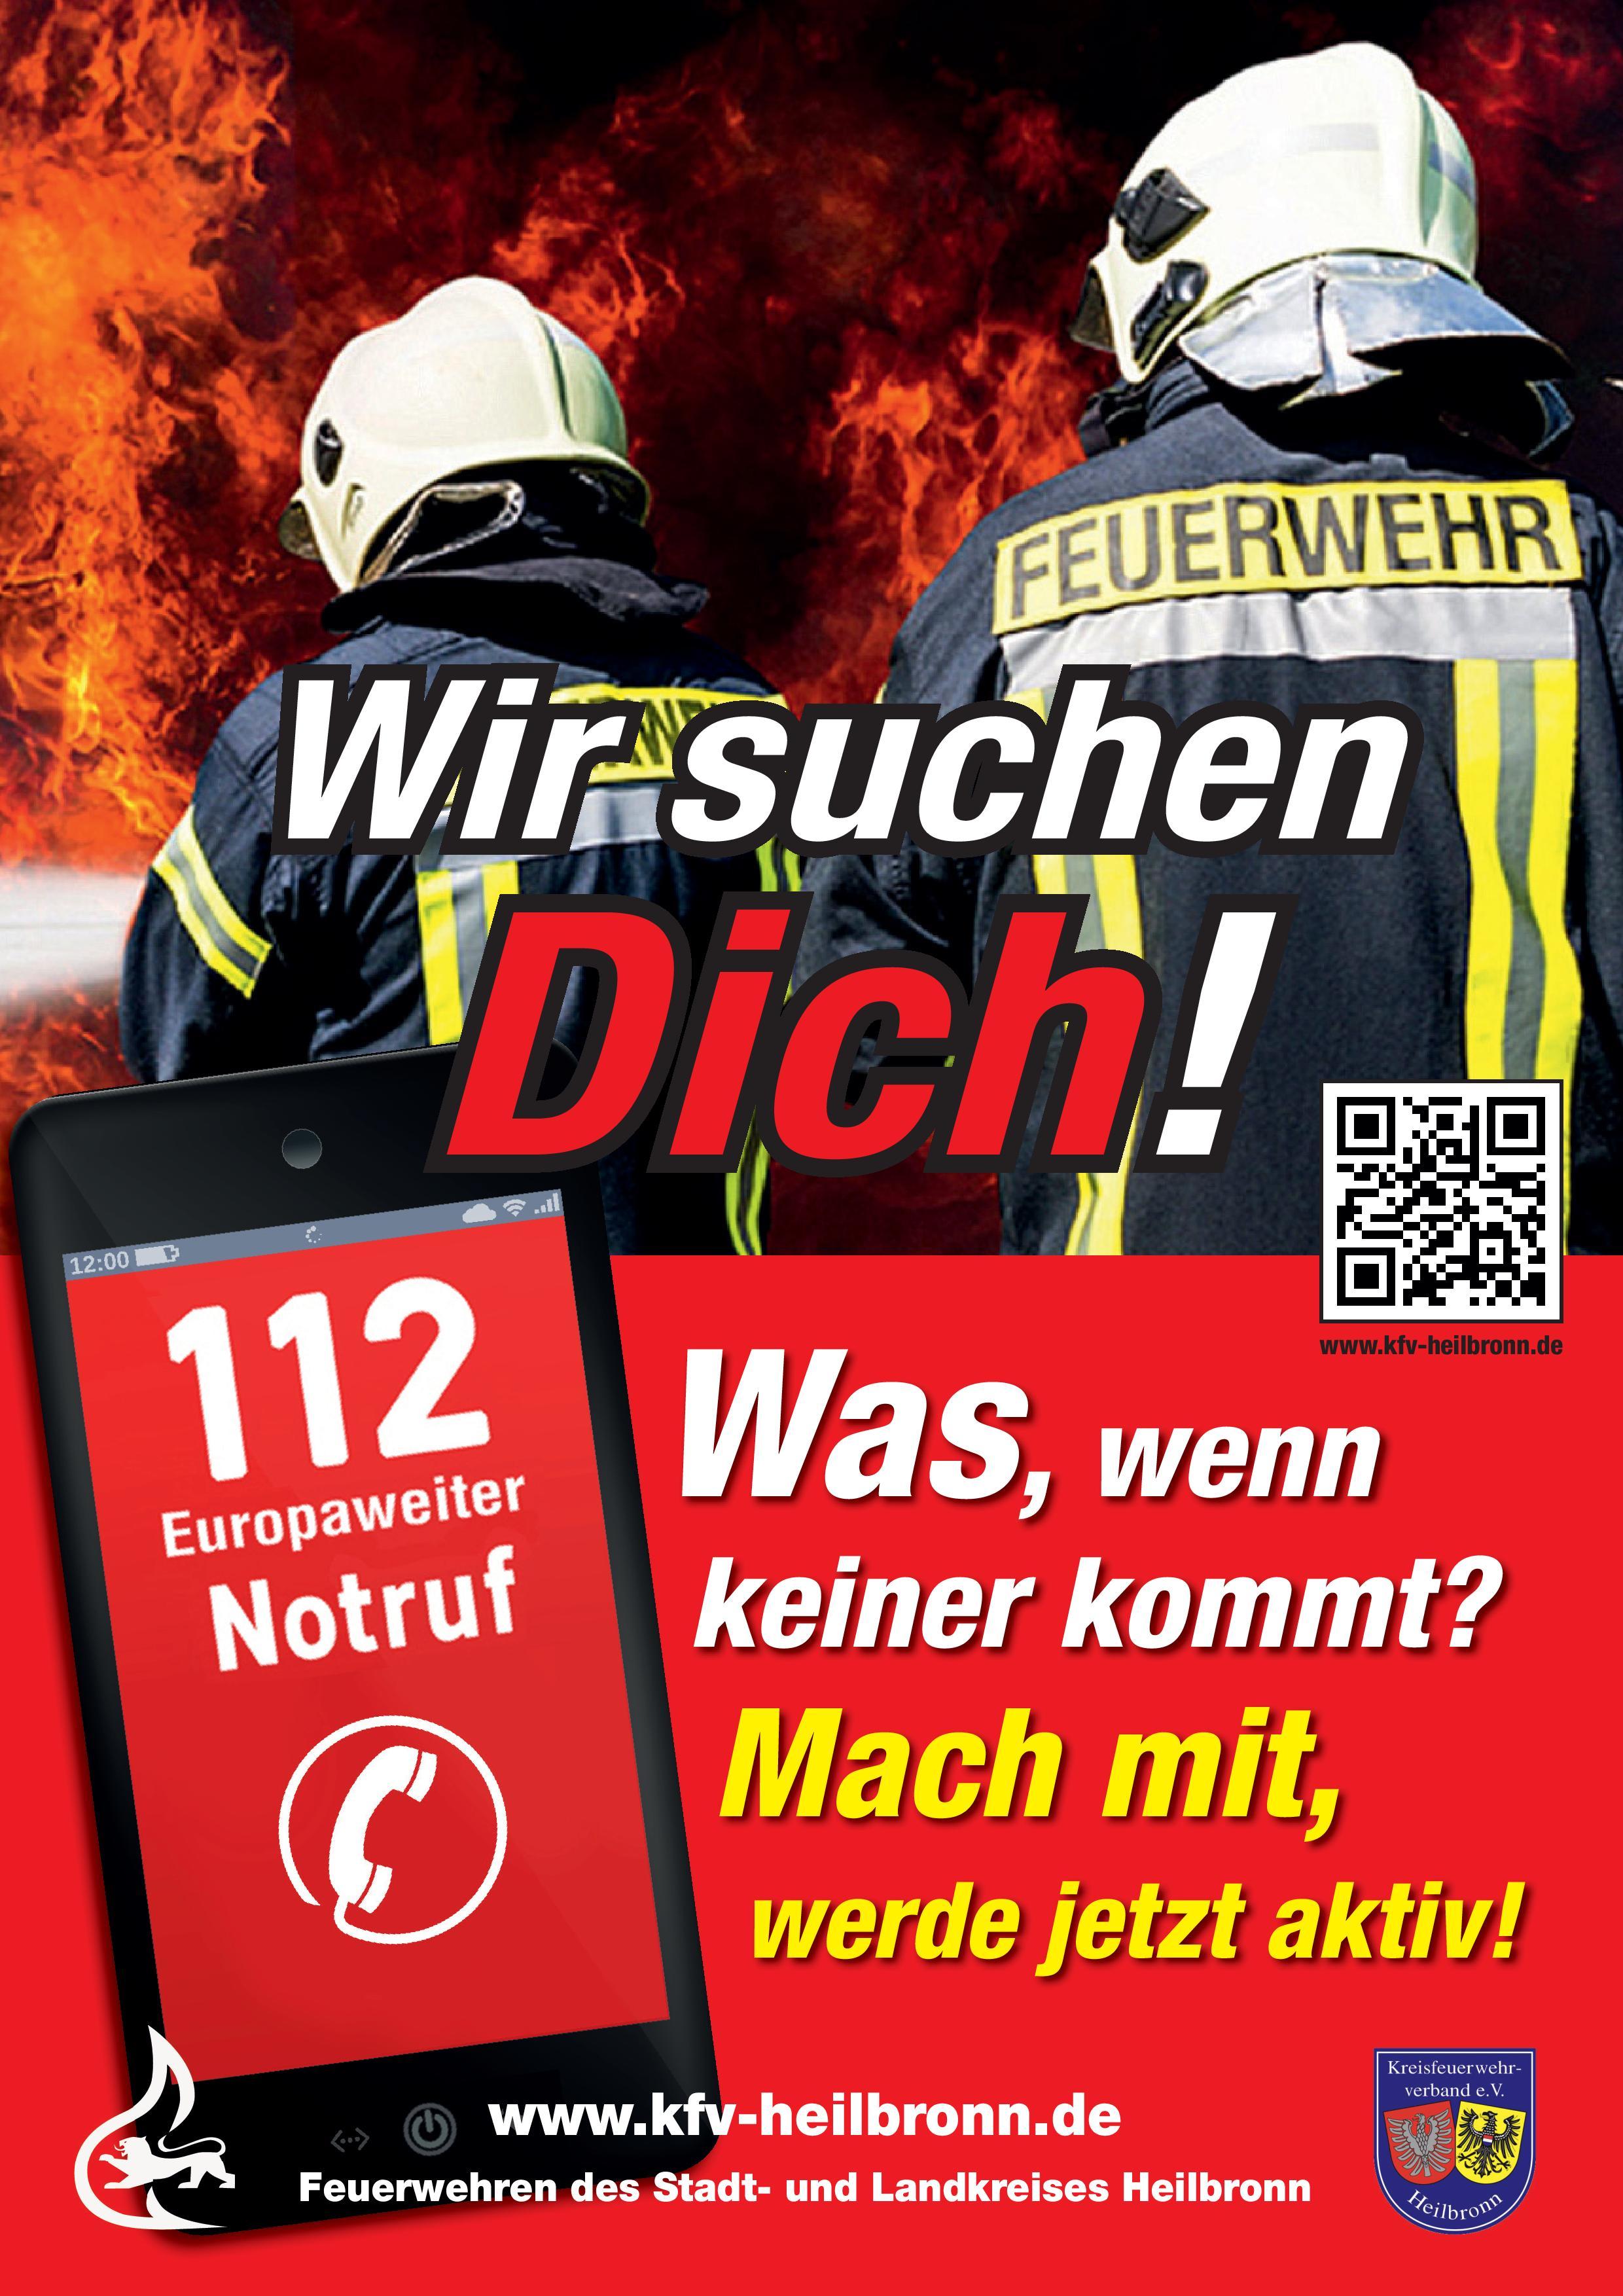 AnzeigeA4-farbig-Feuerwehr-08-2015-page-001